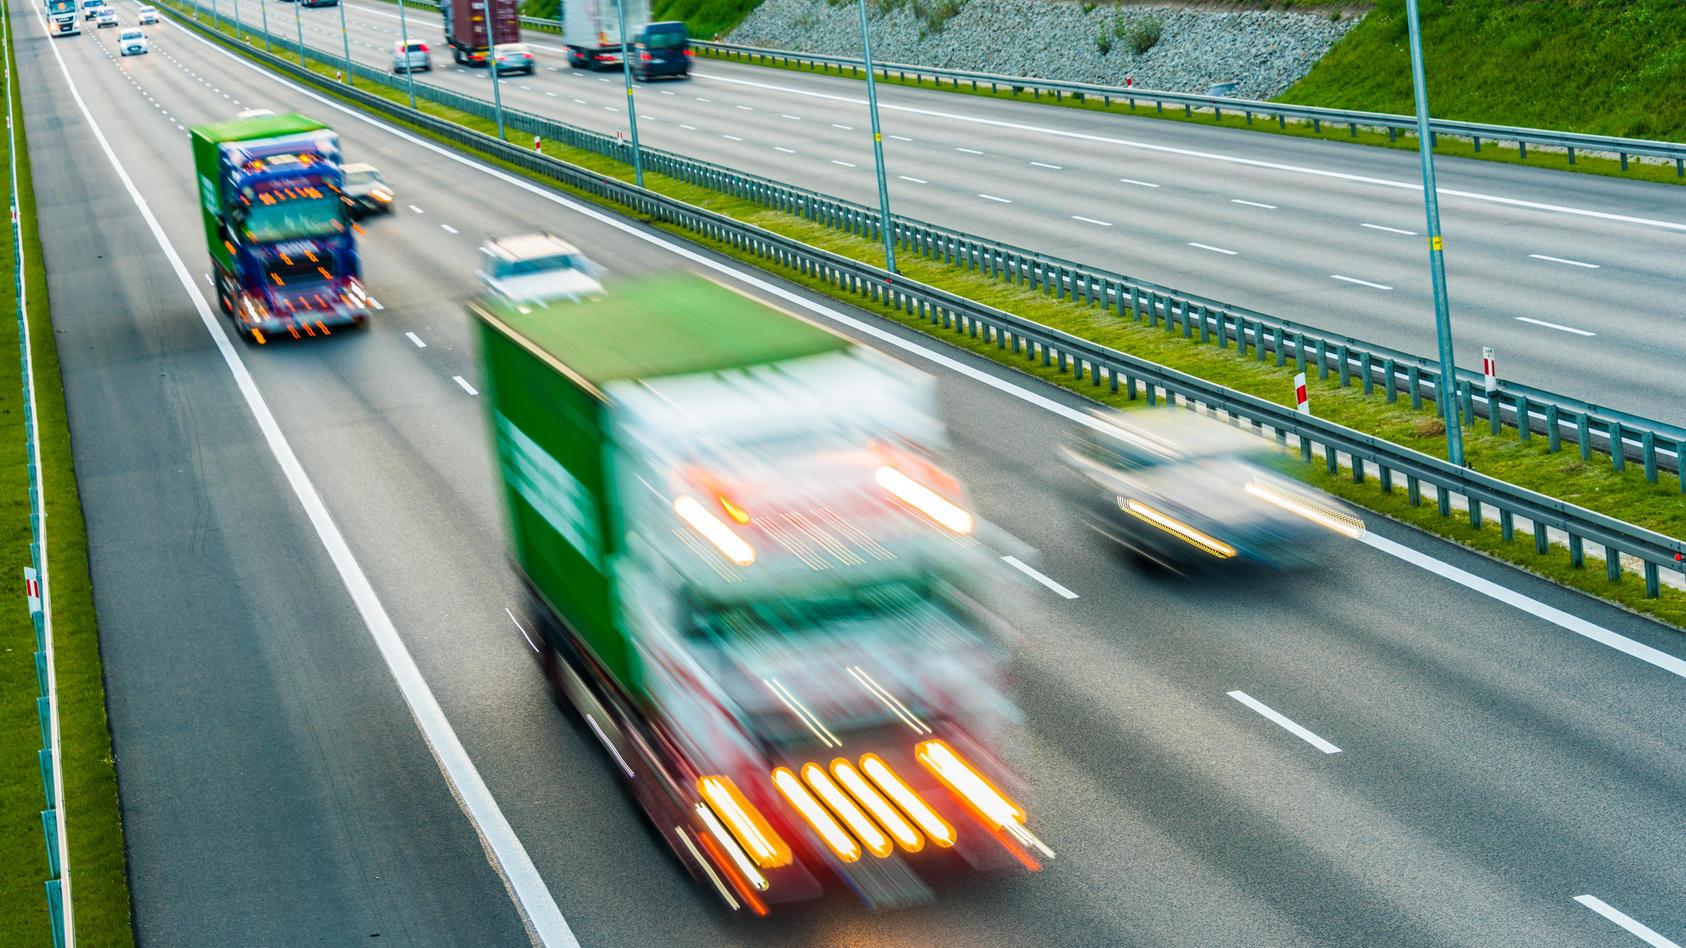 Wer nach einem Überholmanöver zu knapp vor einem Lkw einschert, riskiert Menschenleben.